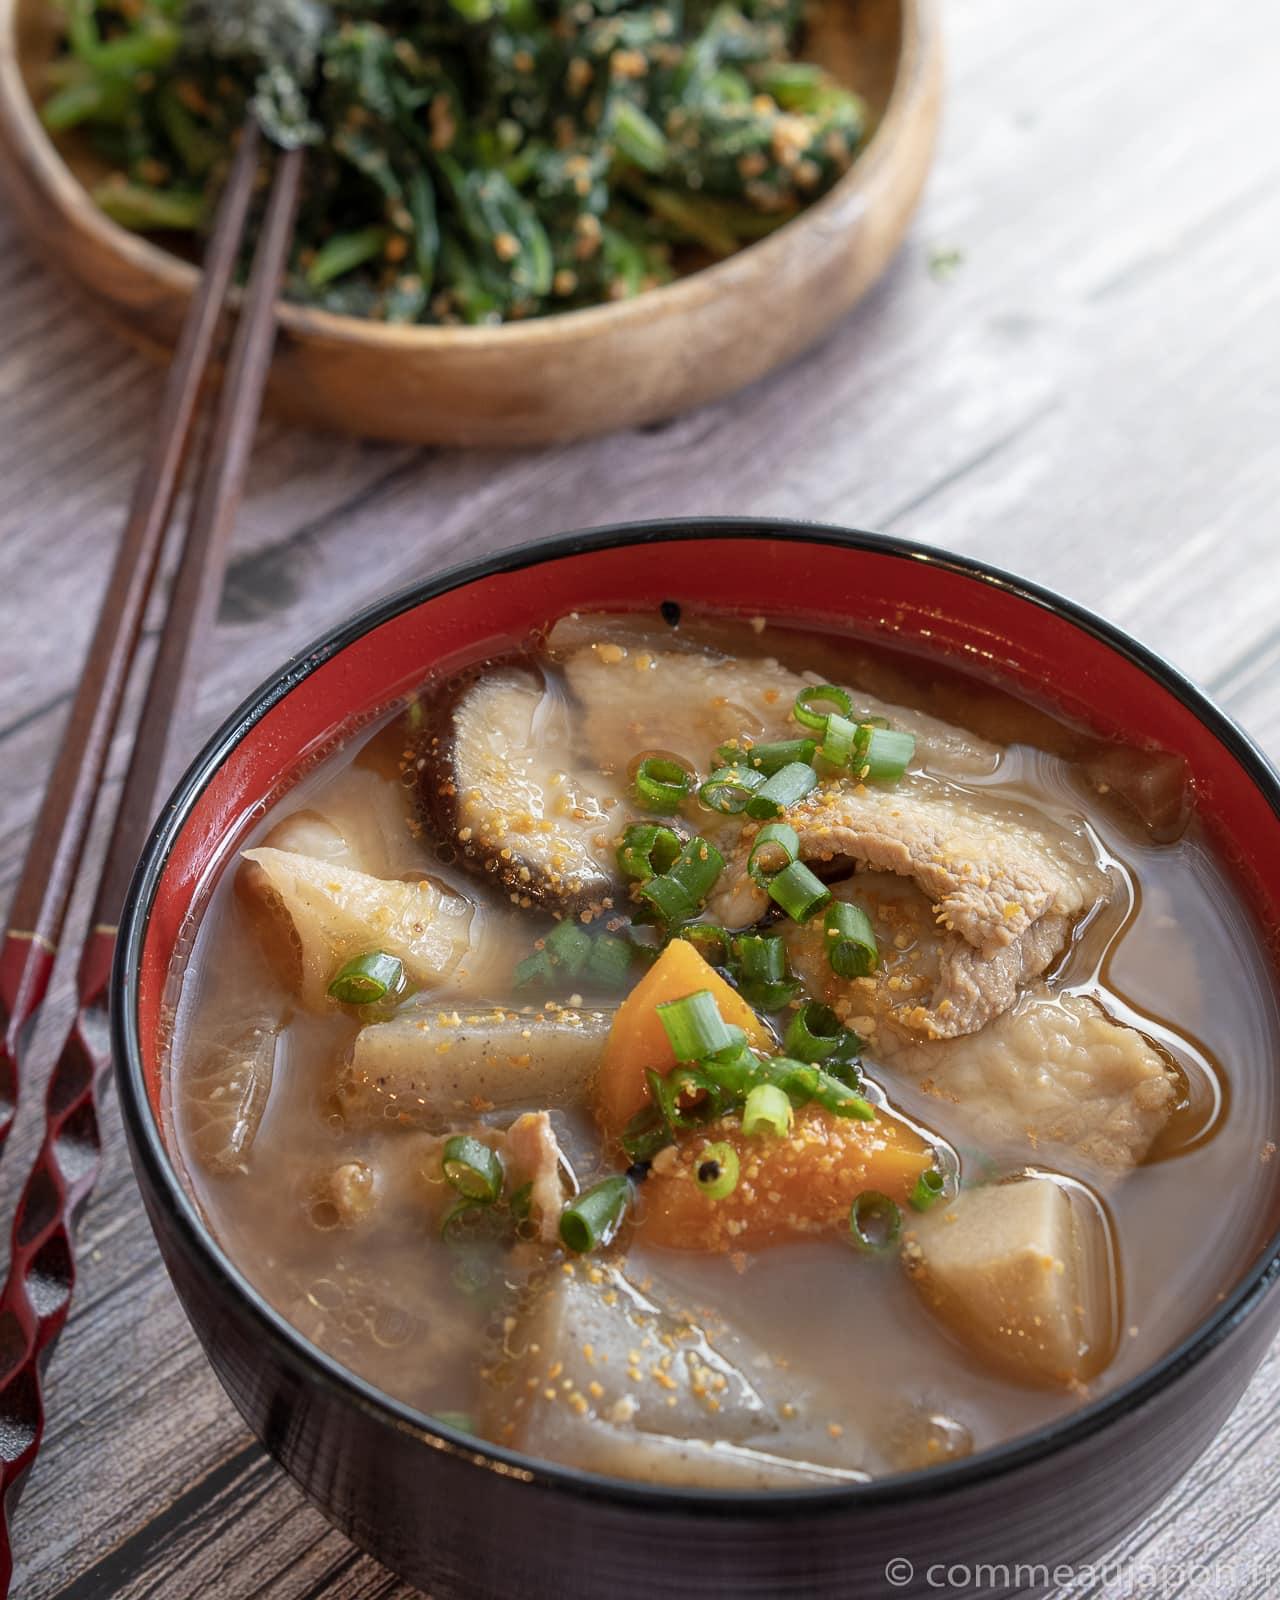 tonjiru 2 of 2 Tonjiru - Soupe miso au porc et légumes